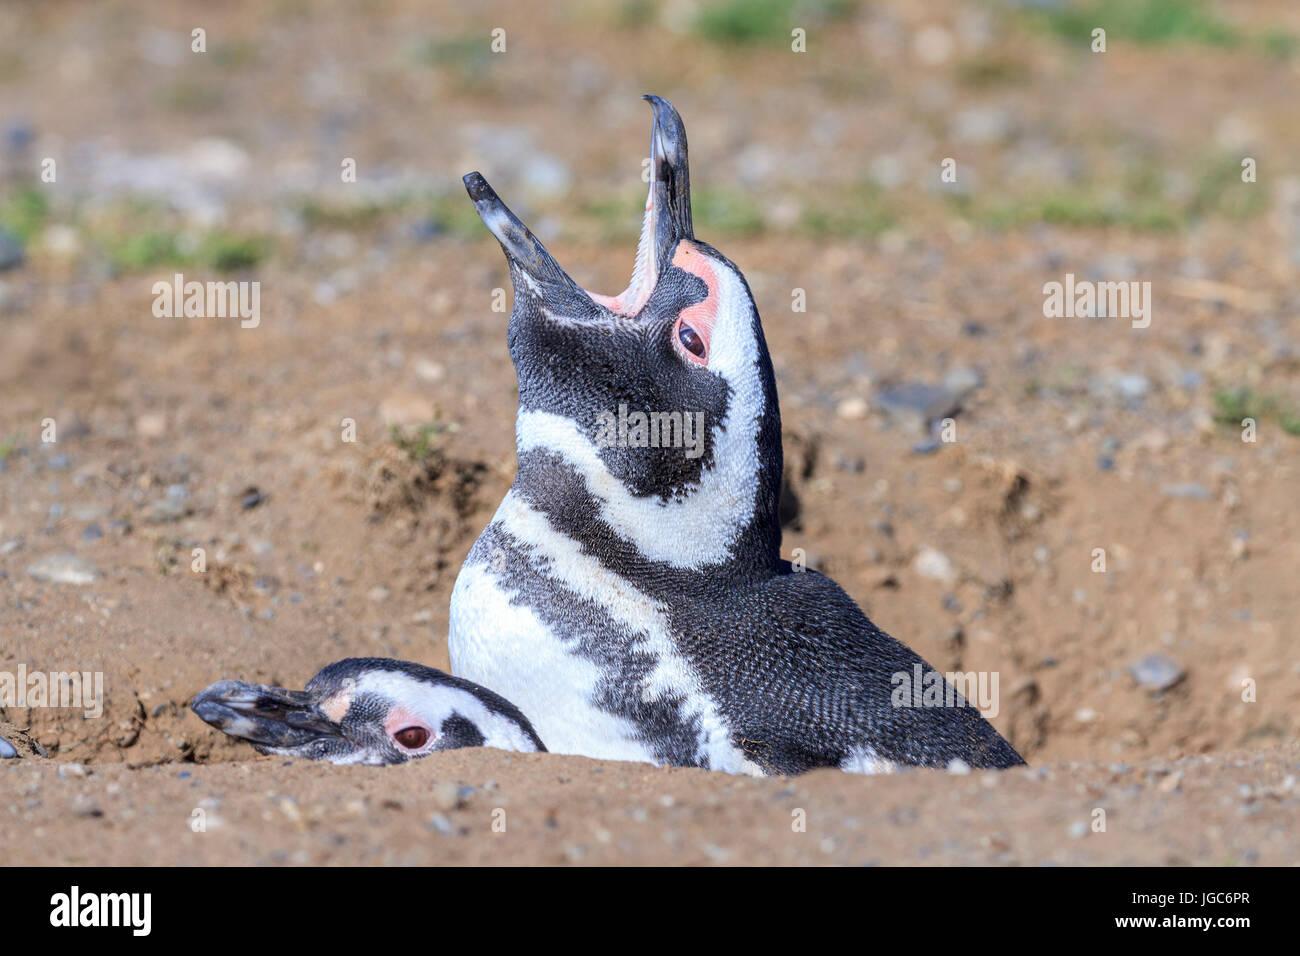 Monumento Natural Los Pinguinos, Isla Magdalena, Punta Arenas, Chile Stock Photo